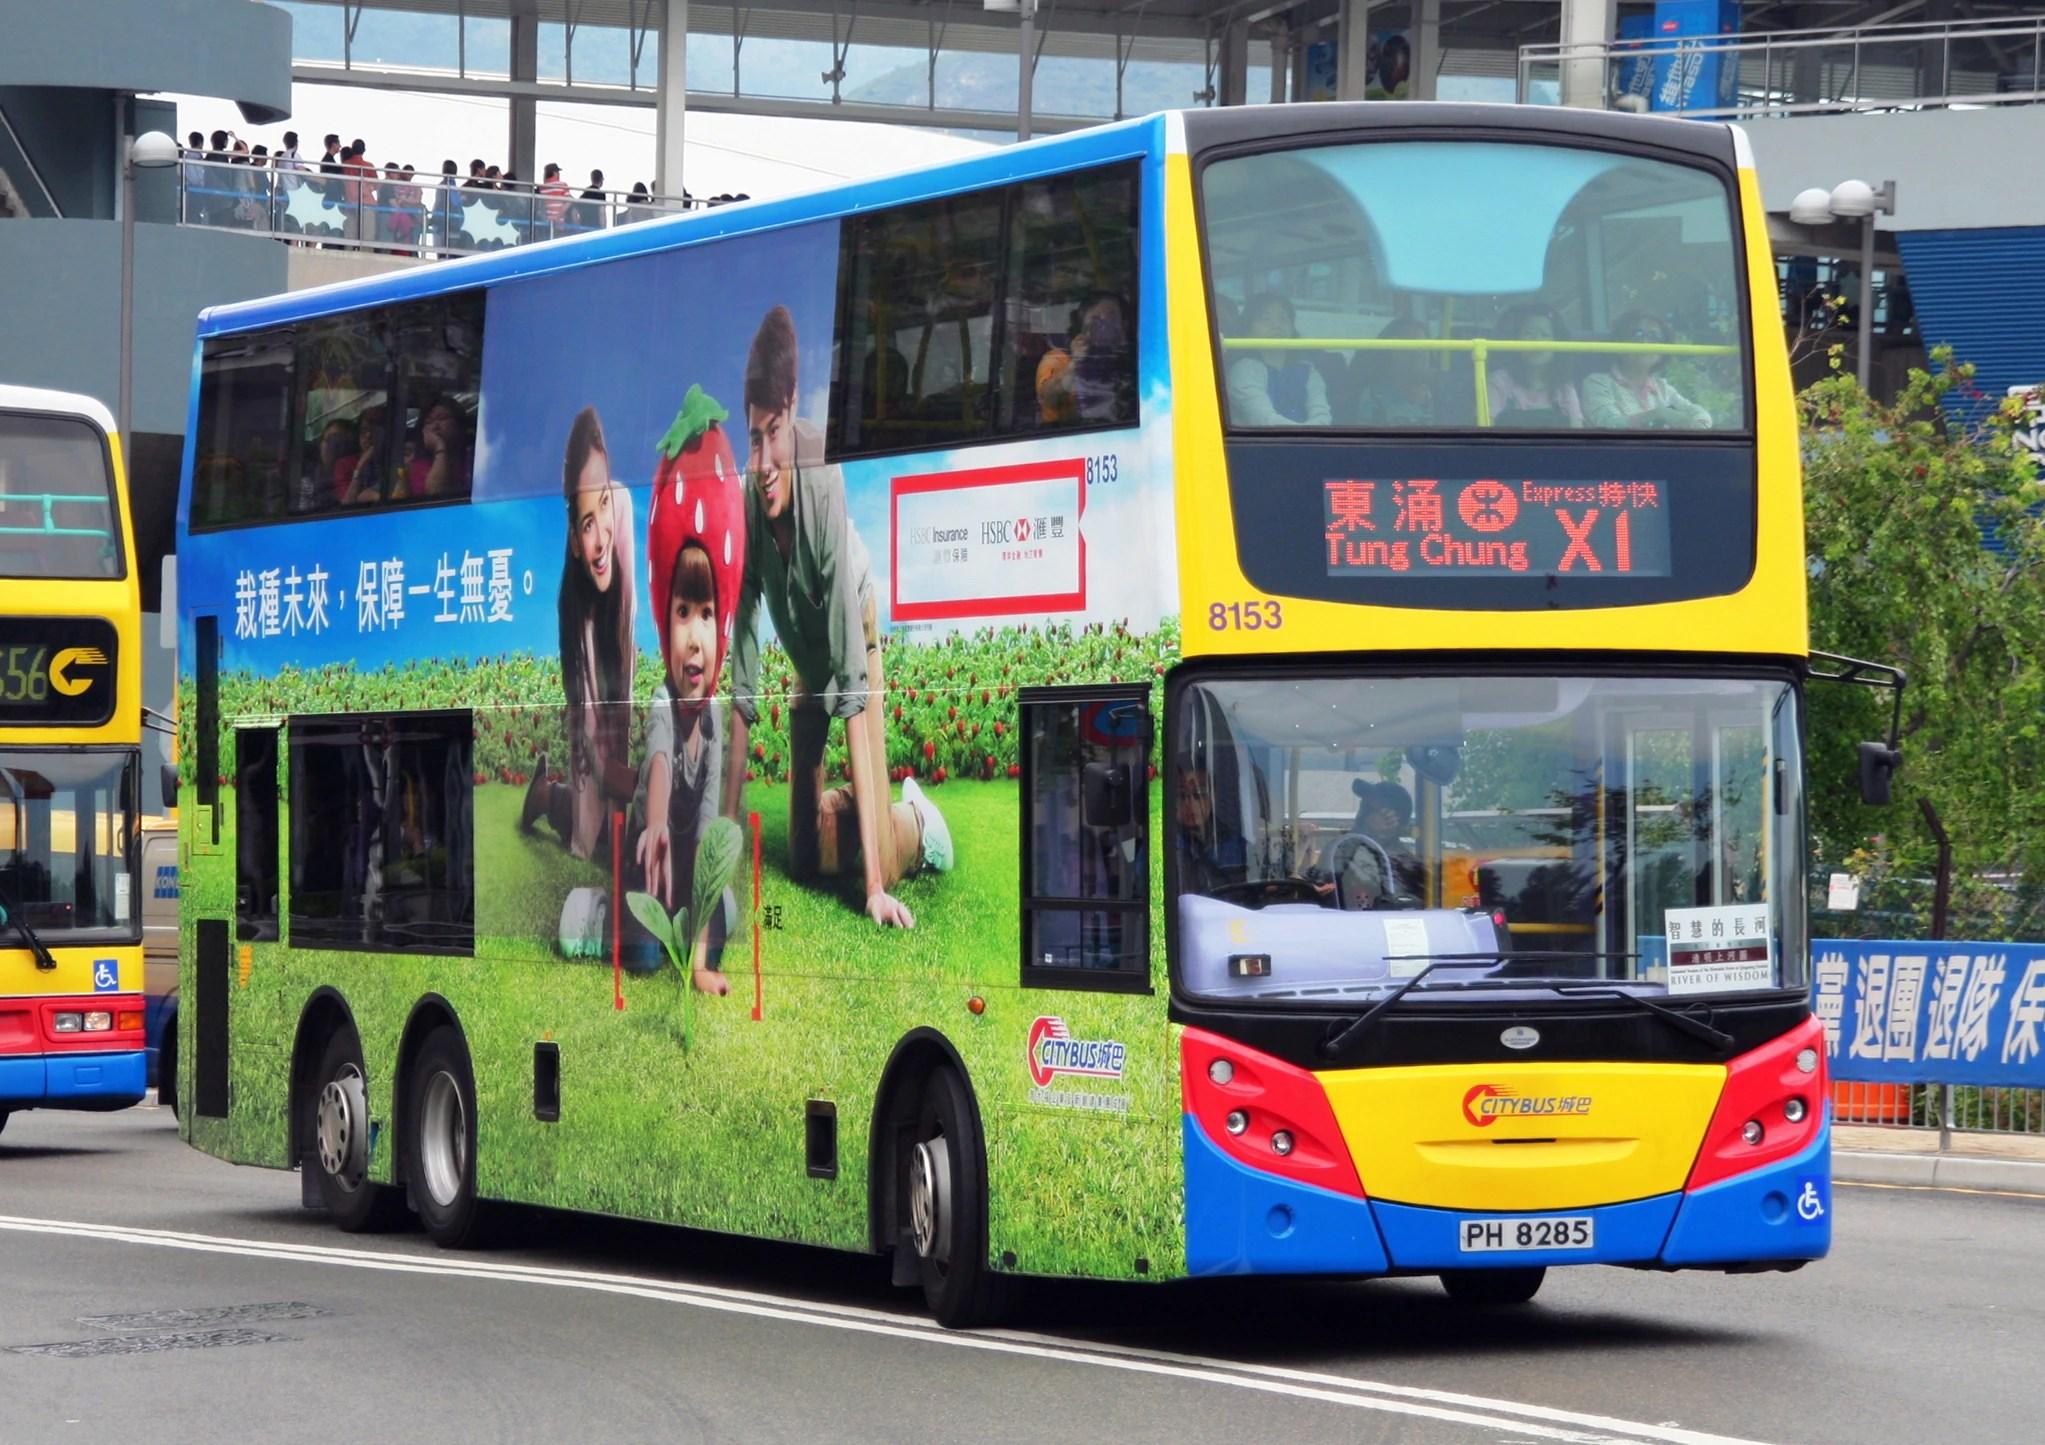 香港巴士圖片_雙層巴士簡筆畫_老雙層巴士-圈子花園圖片